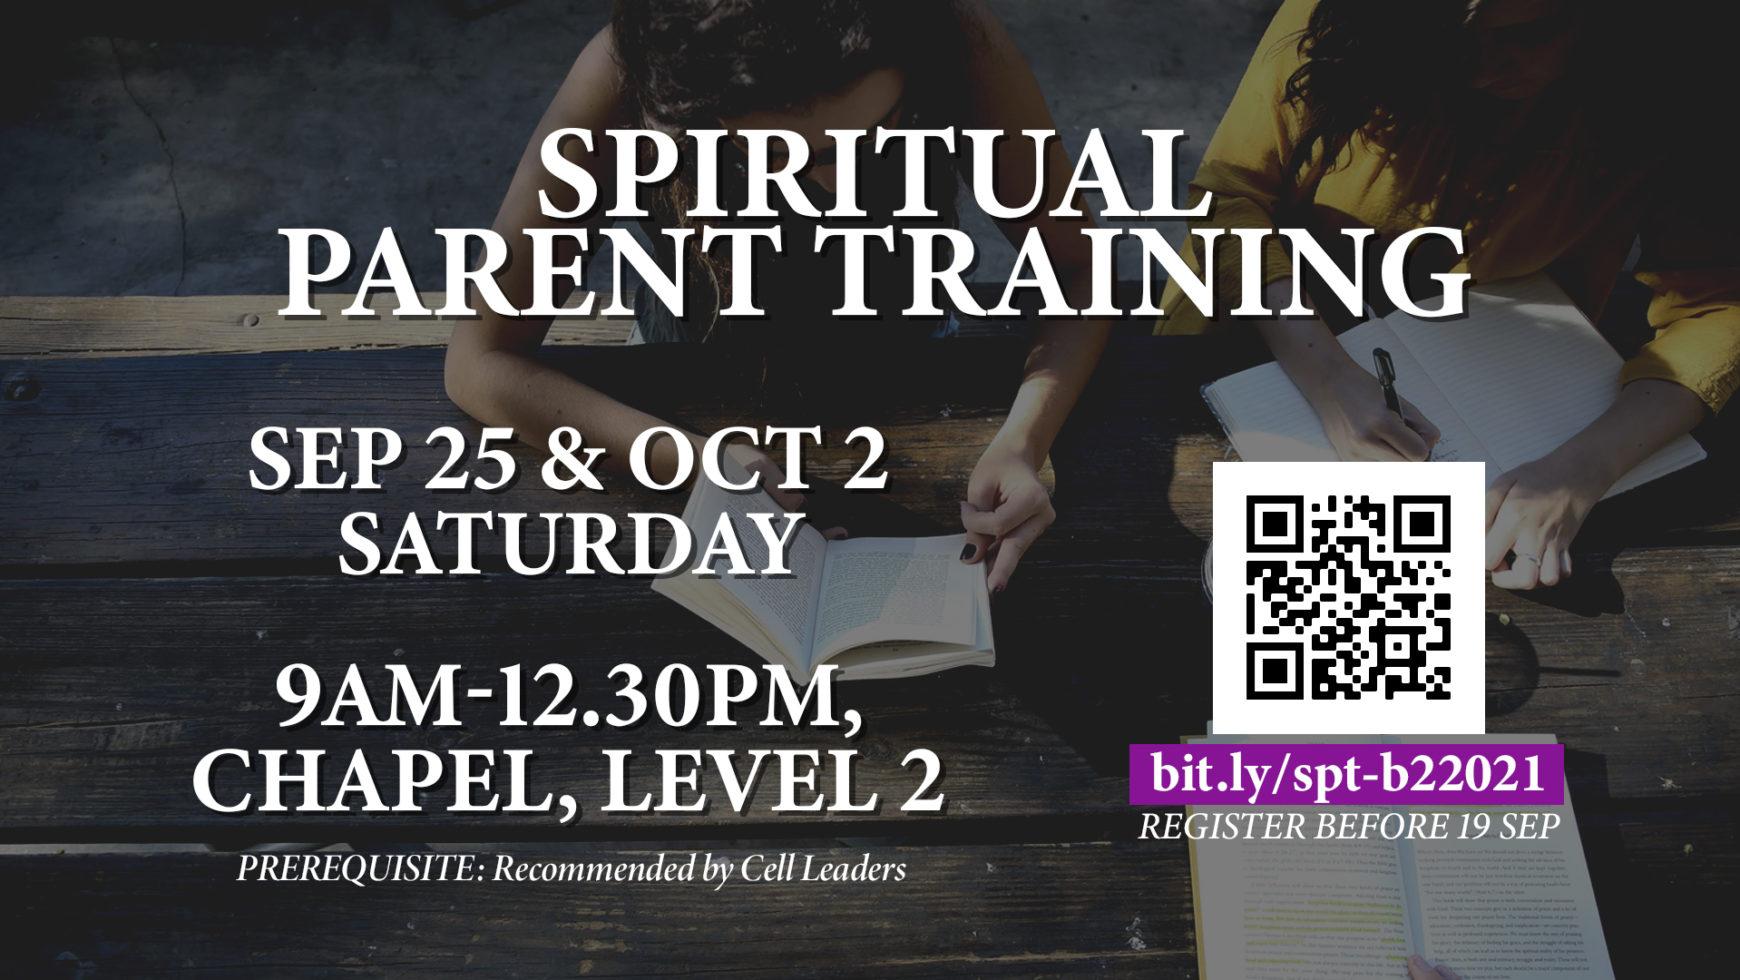 Spiritual Parent Training